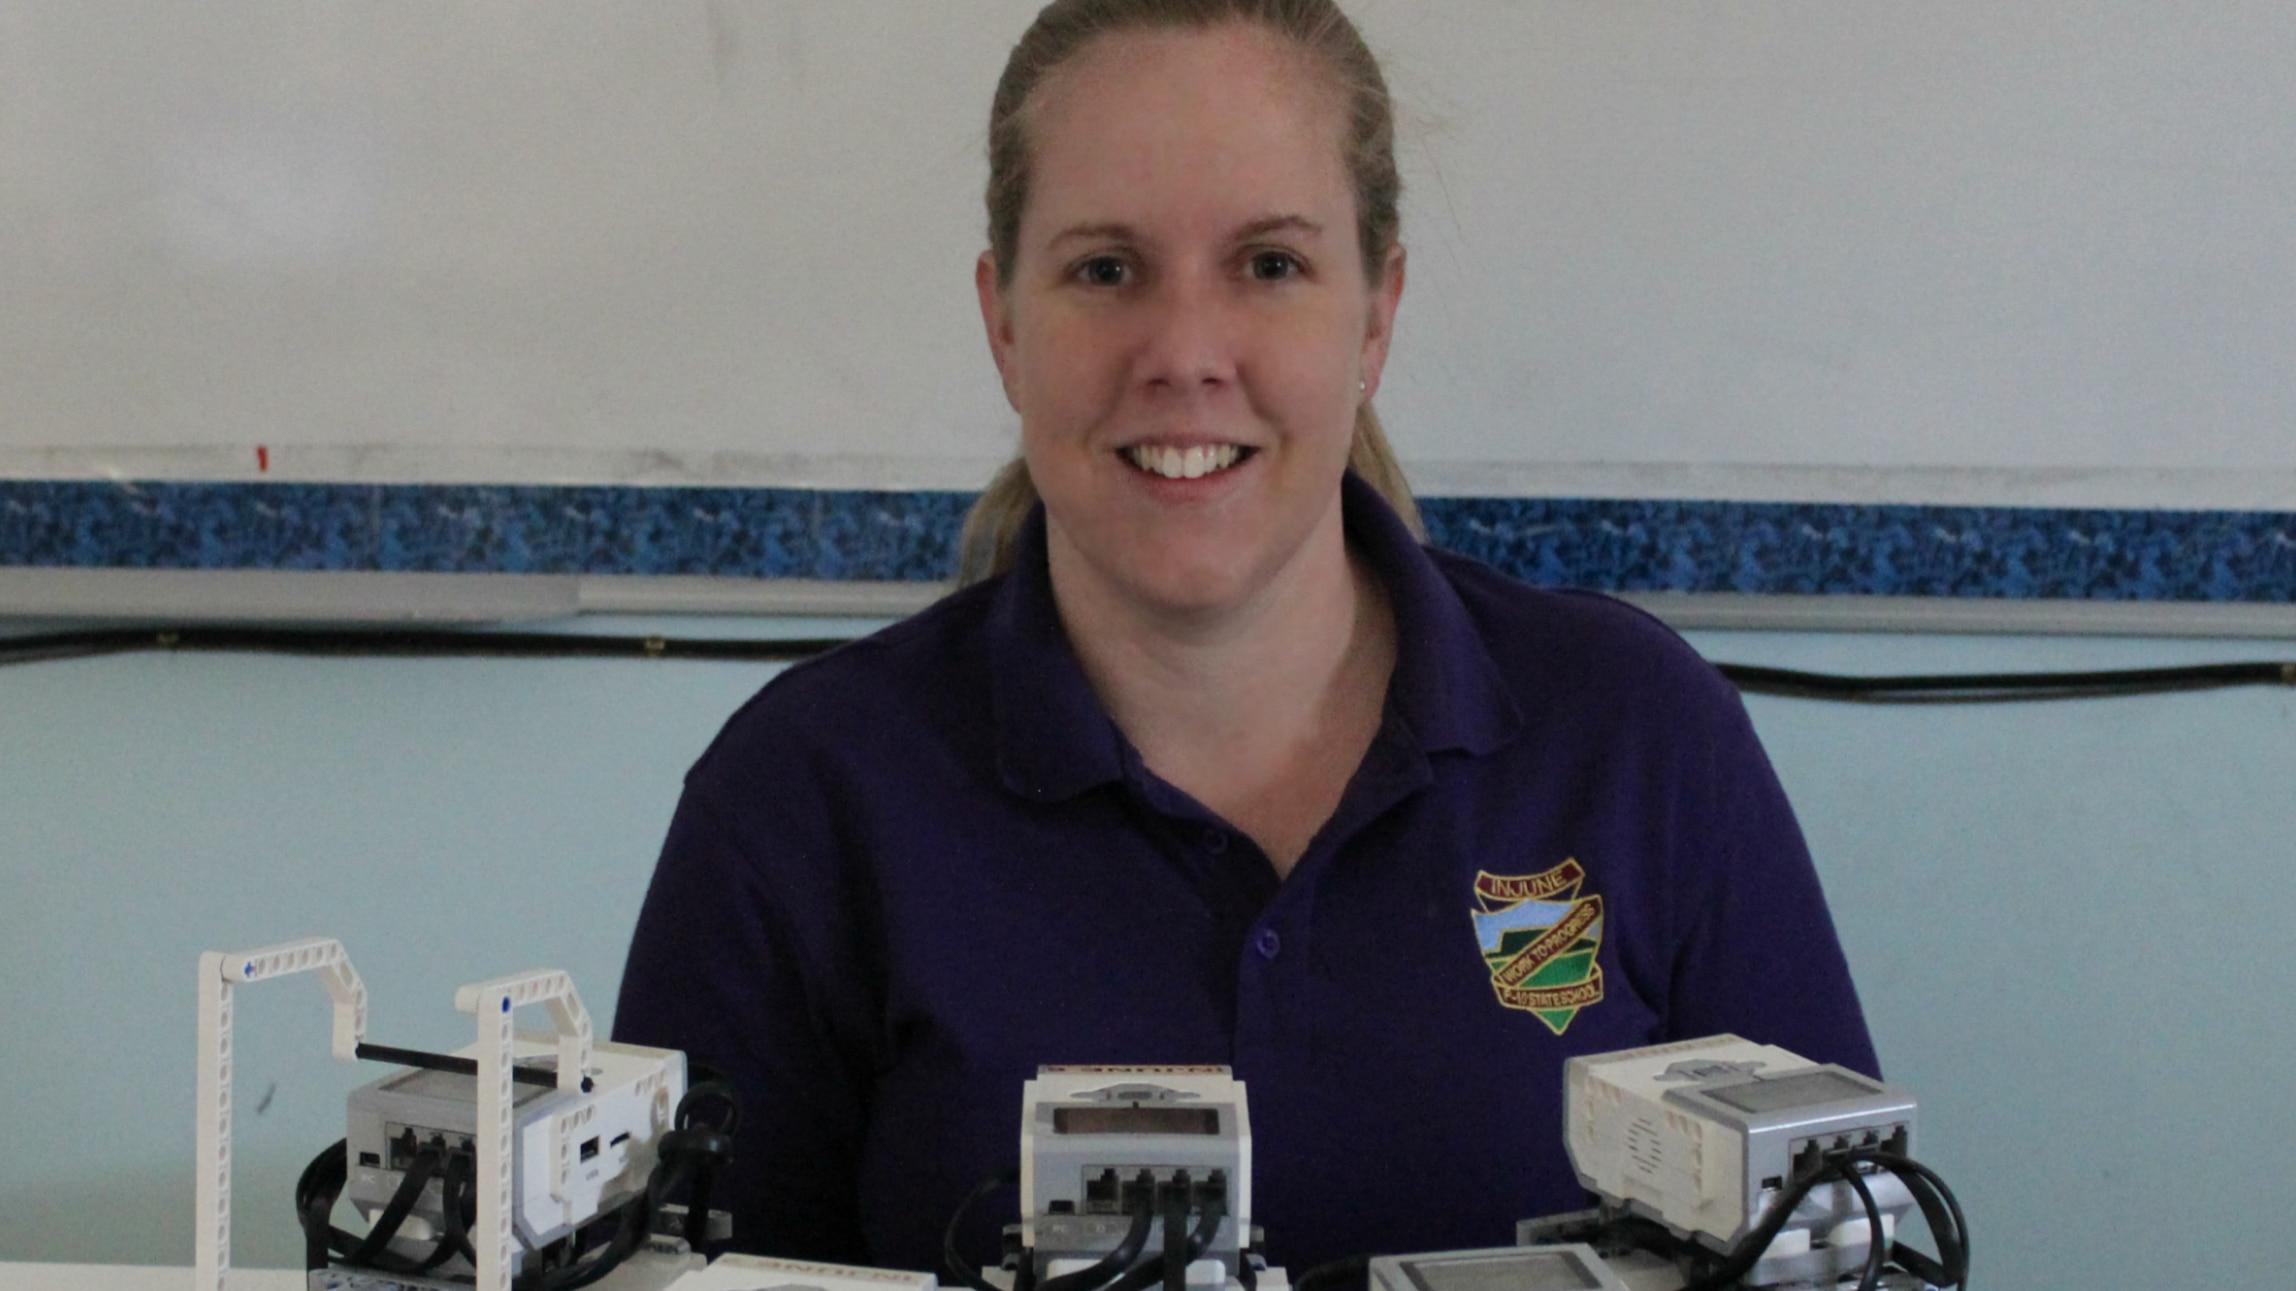 Jess Schofield